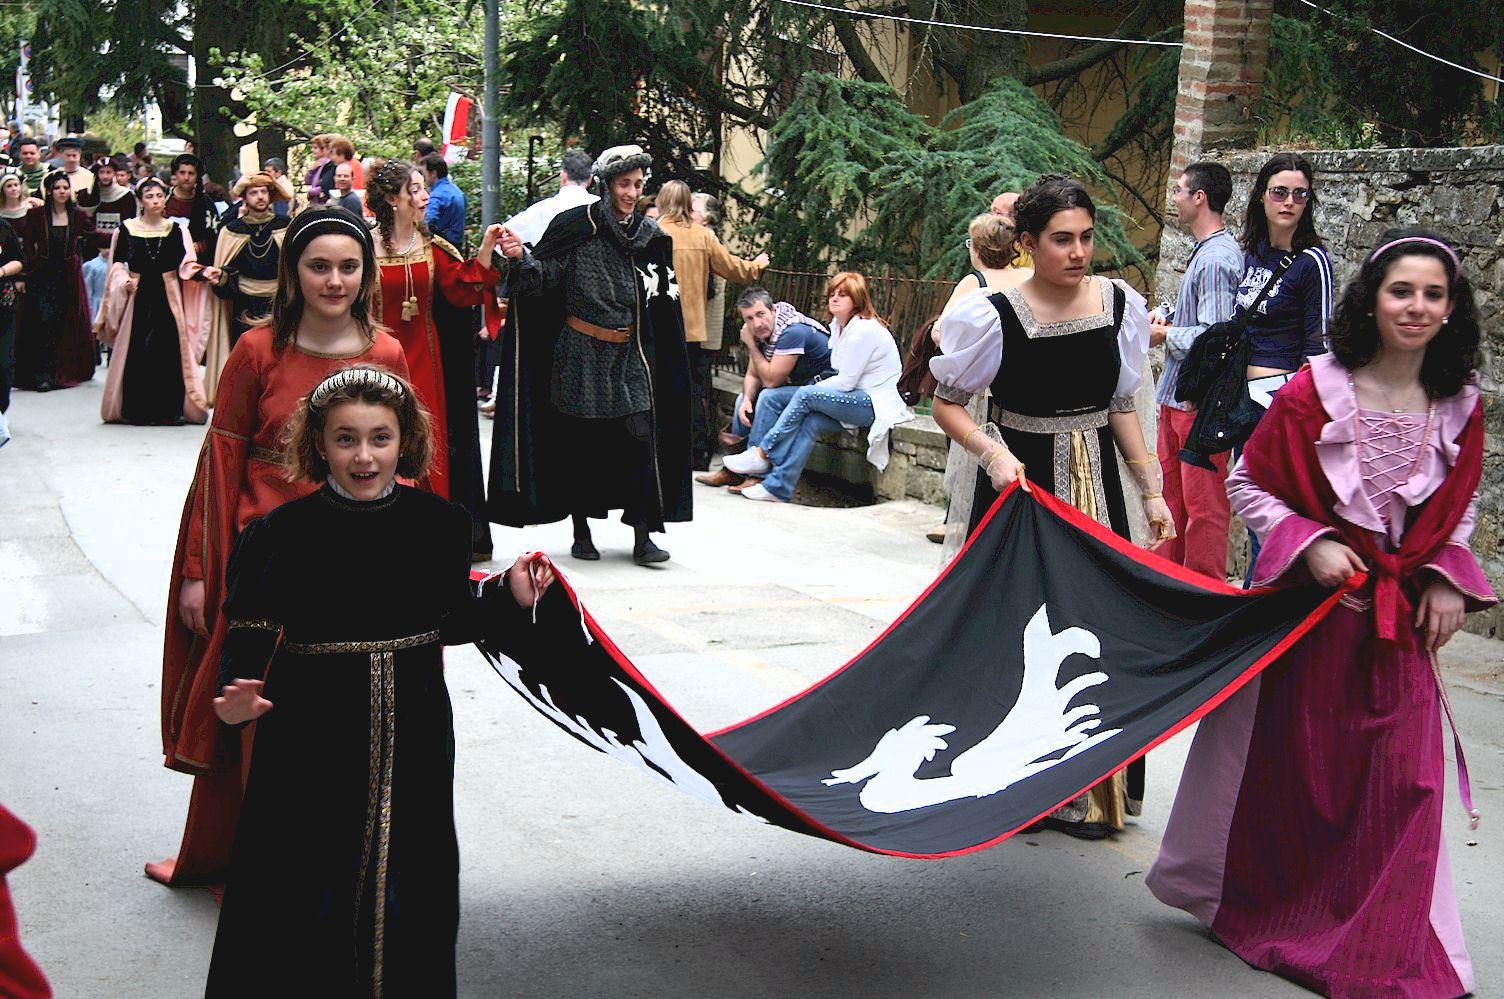 Festa della Stagion Bona costume parade